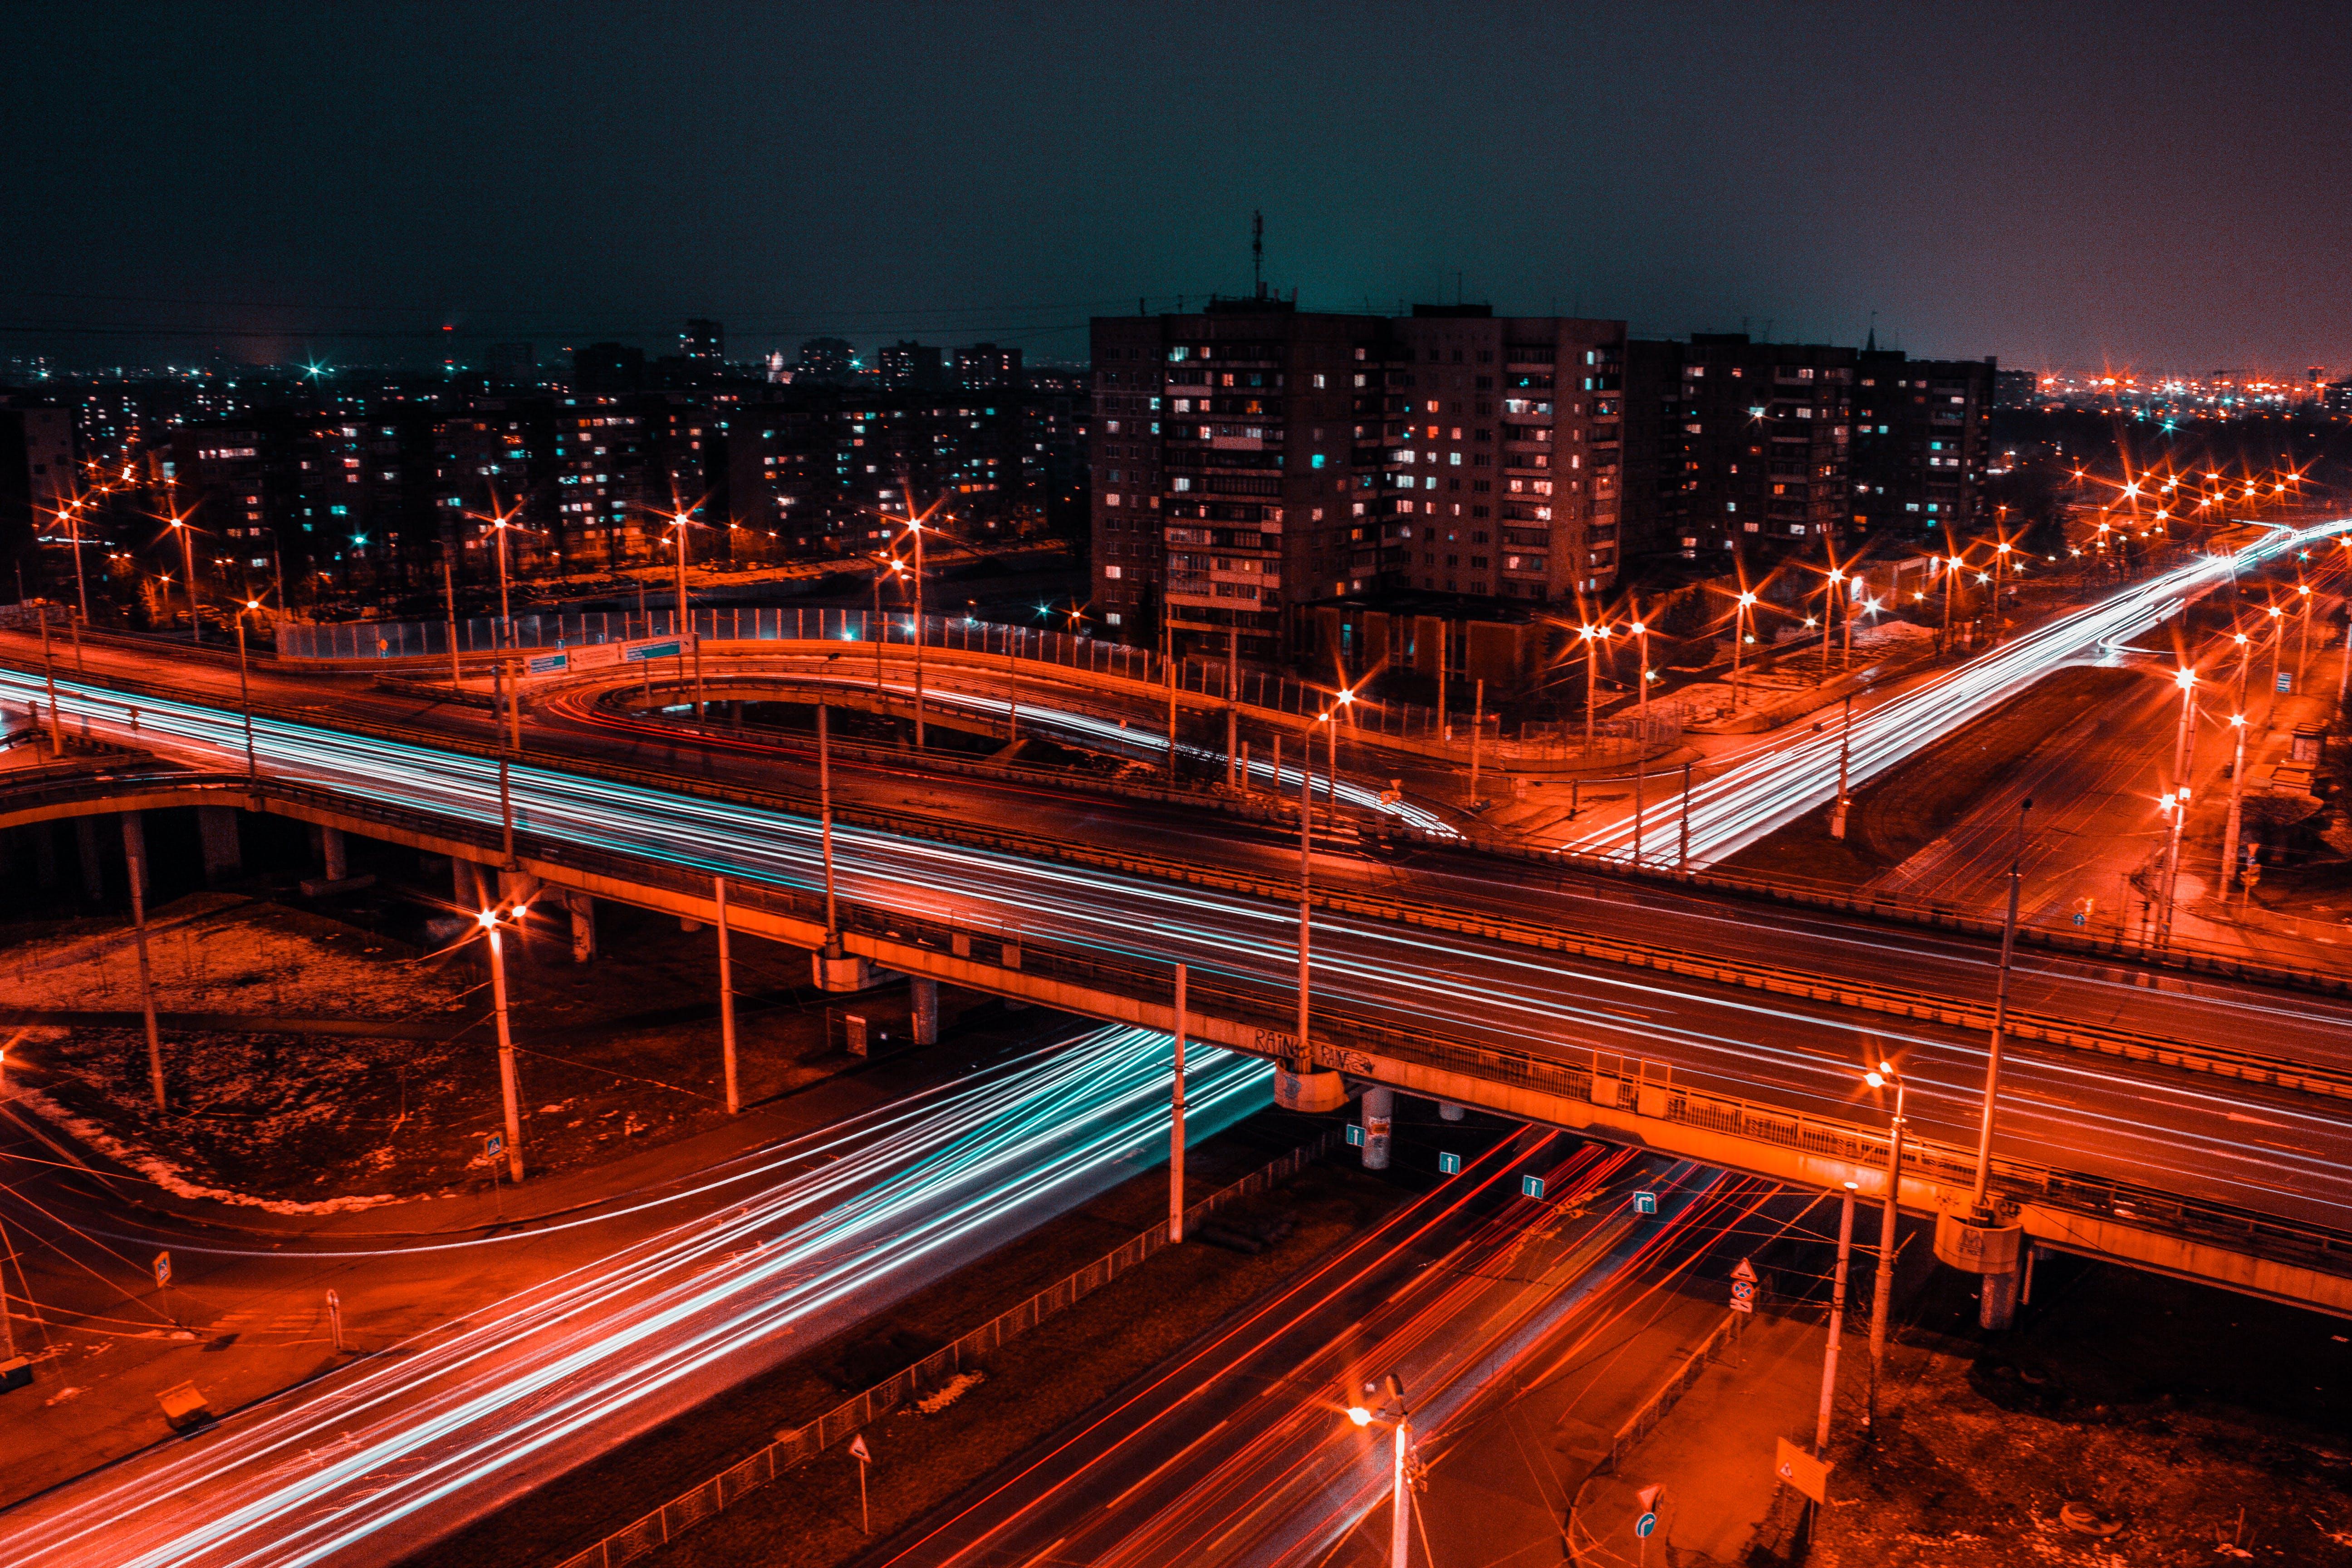 abend, autobahn, beleuchtung